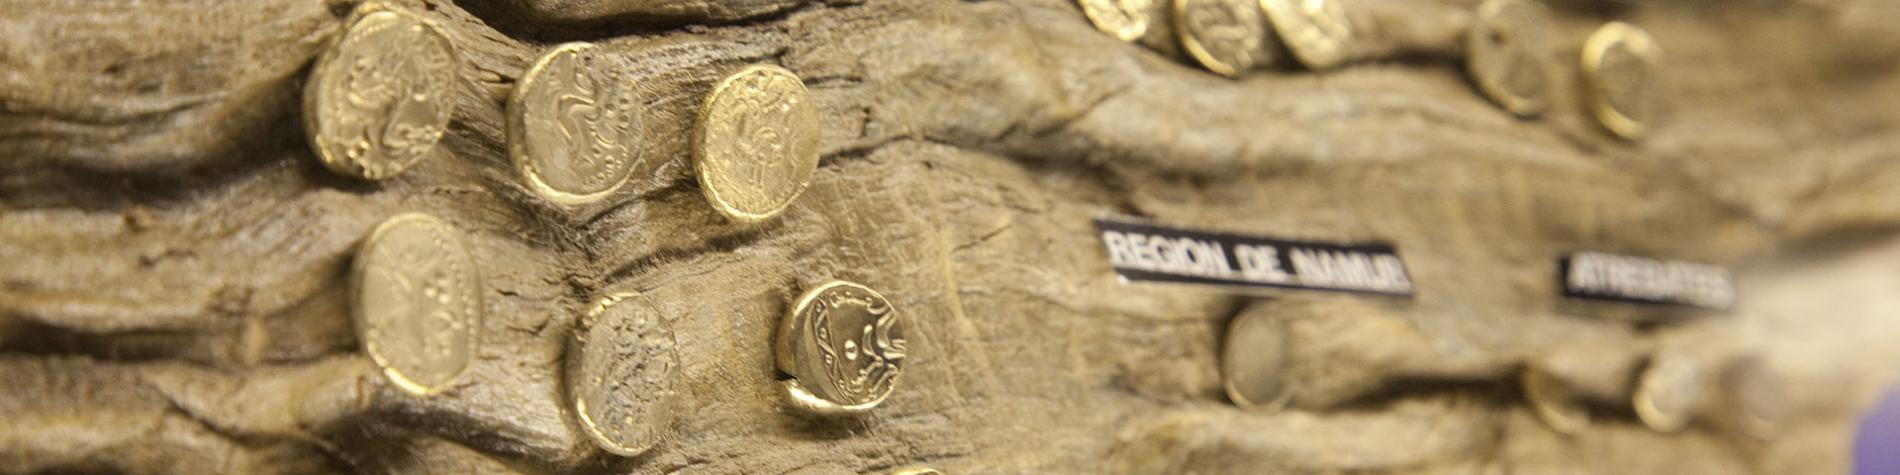 Musée - Archéologie - Tournai